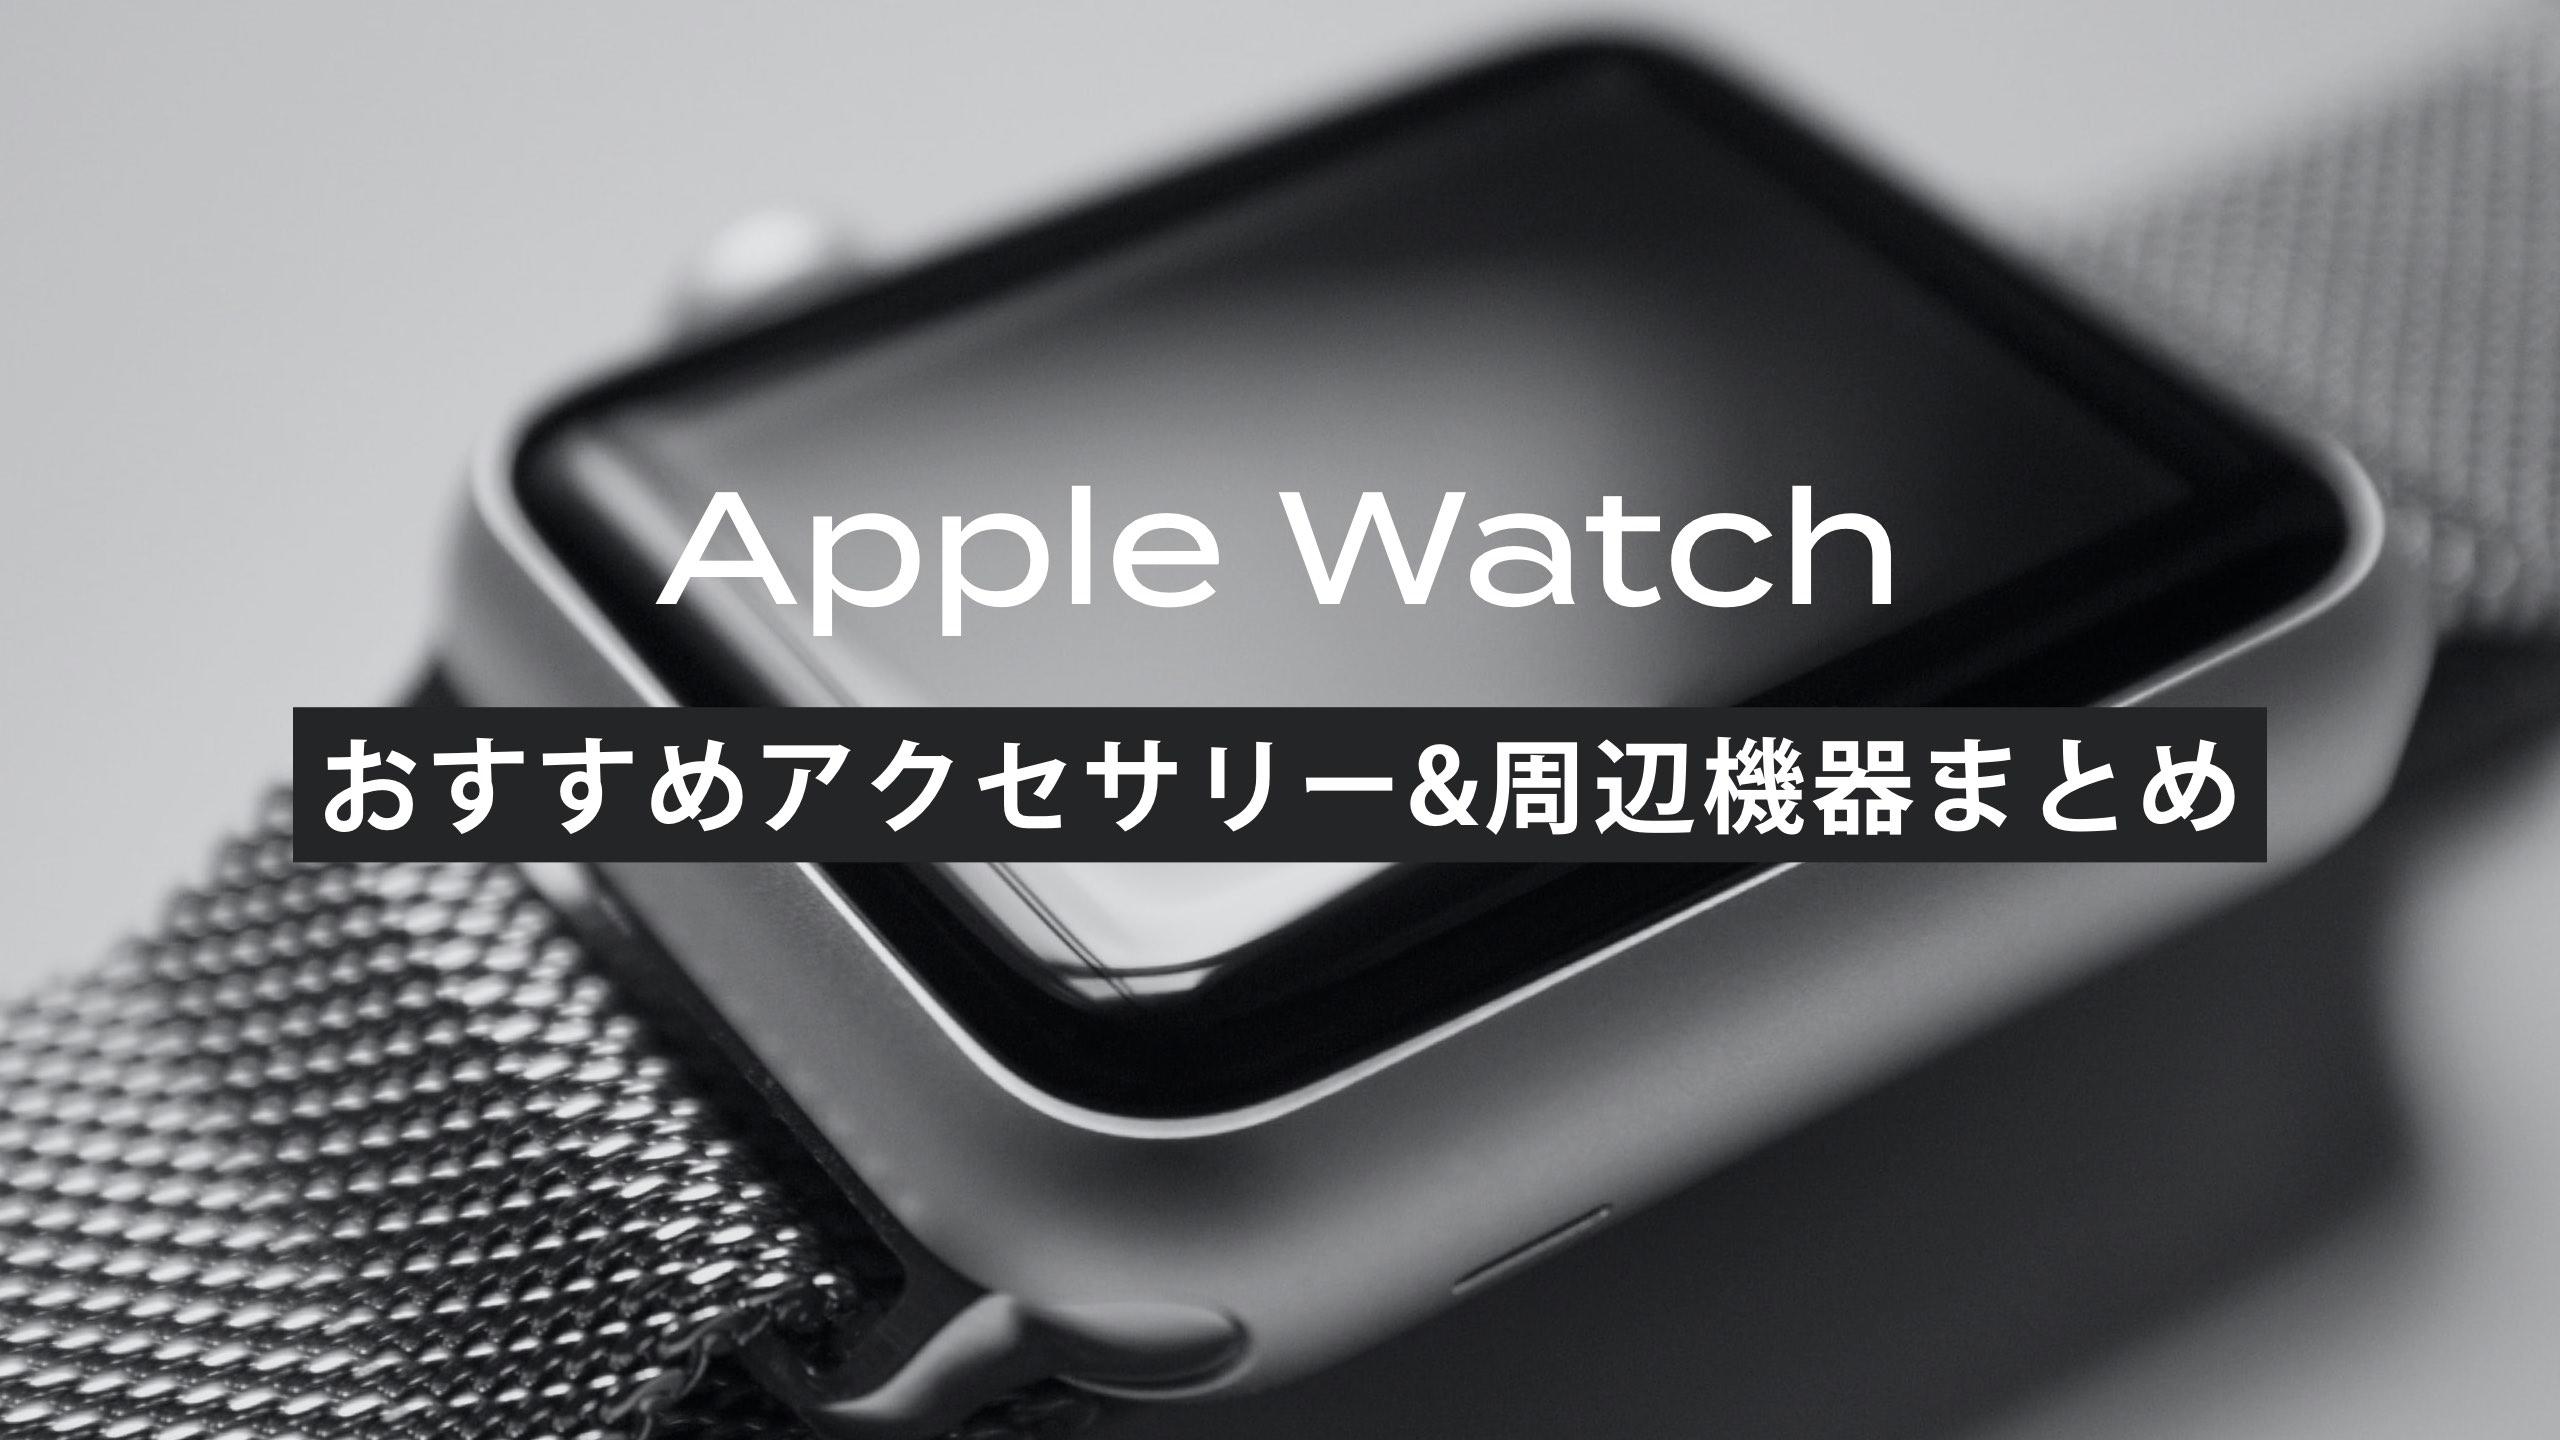 【2021年】Apple Watchユーザーが使いたい!おすすめアクセサリー&周辺機器まとめ